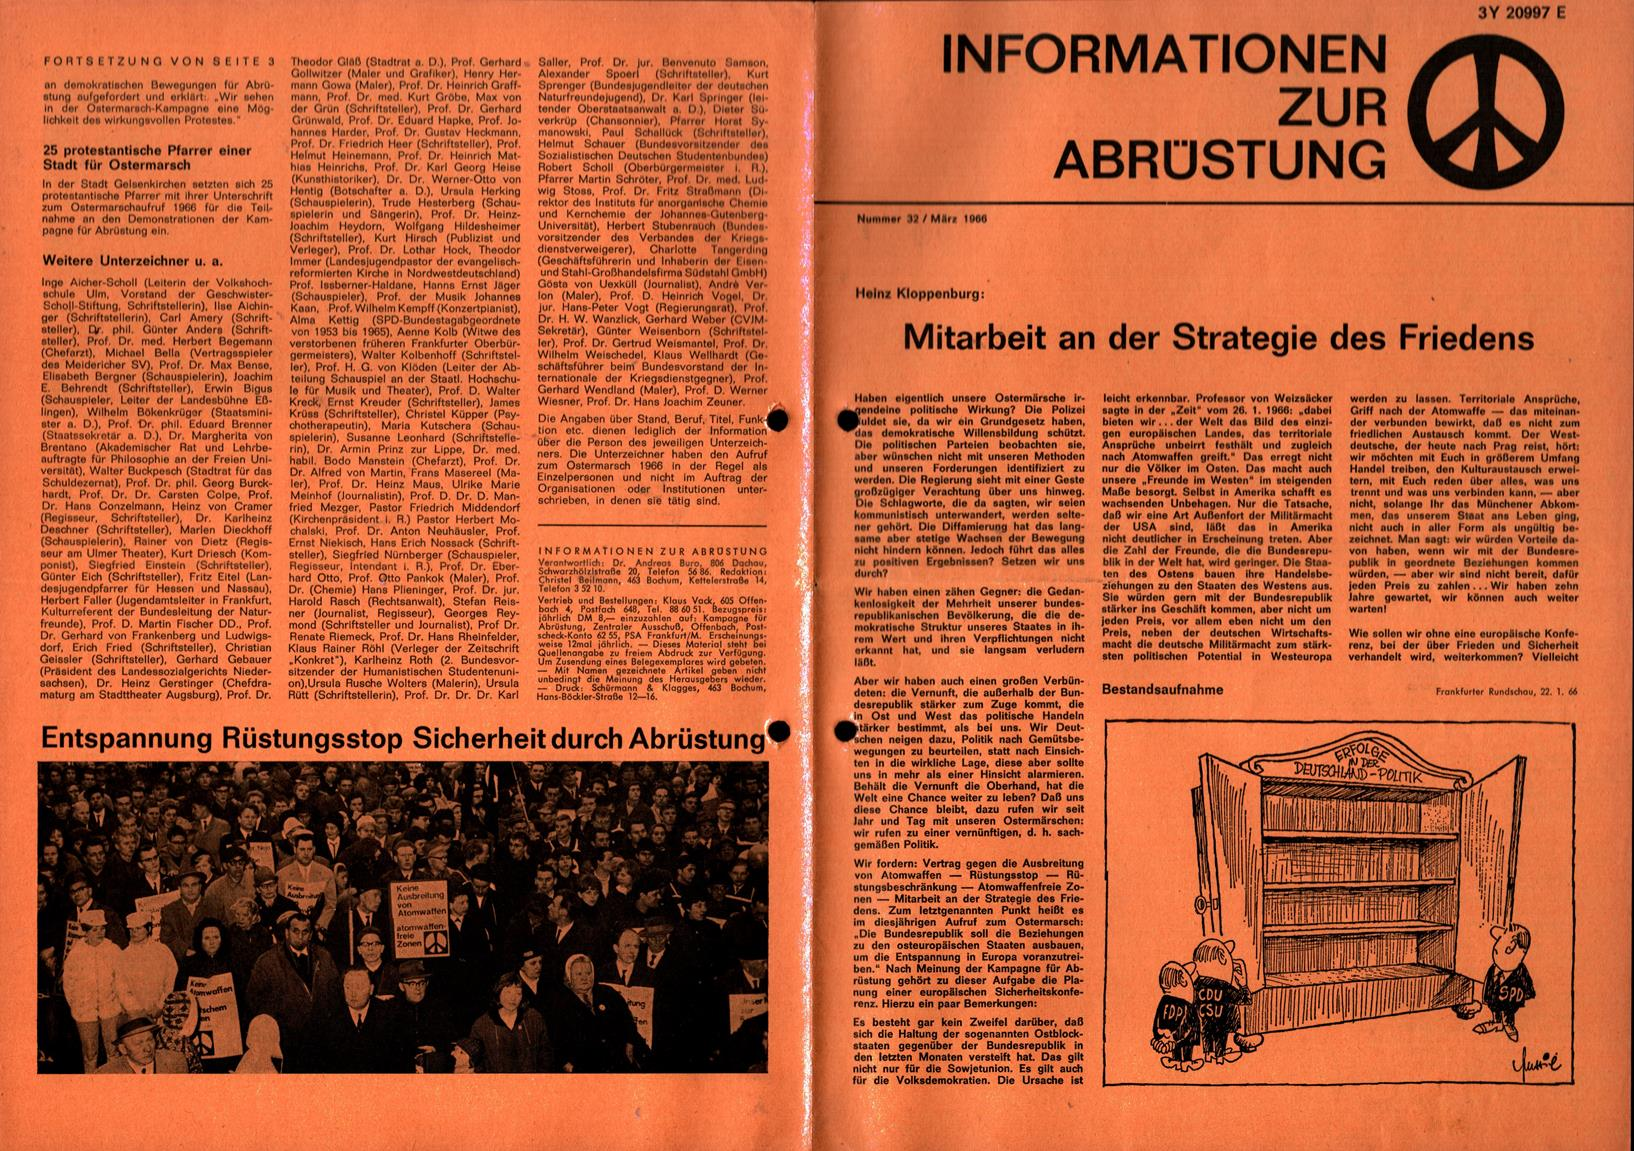 Infos_zur_Abruestung_1966_032_001